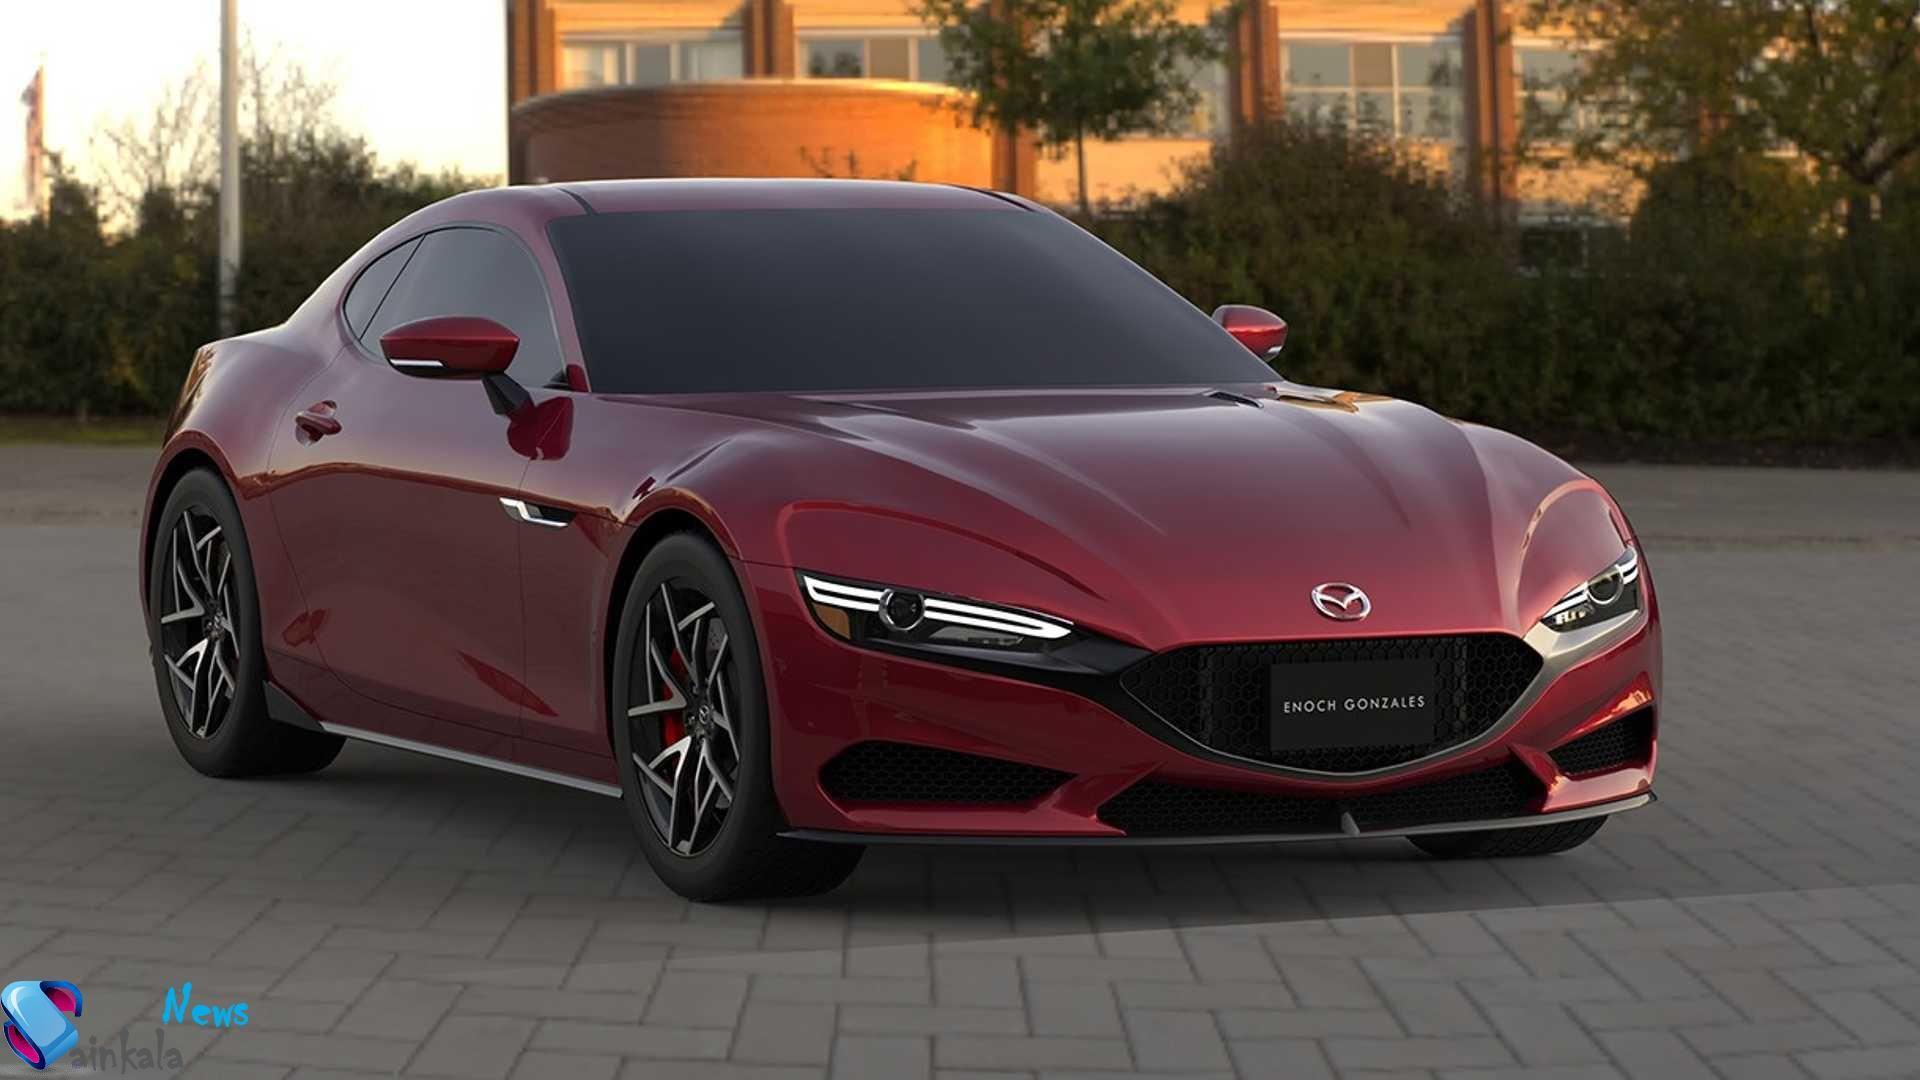 نگاهی به رندرهای جدید مزدا آر ایکس 7 Mazda Rx 7 Rendering In 2020 Mazda Mazda Rx7 Car